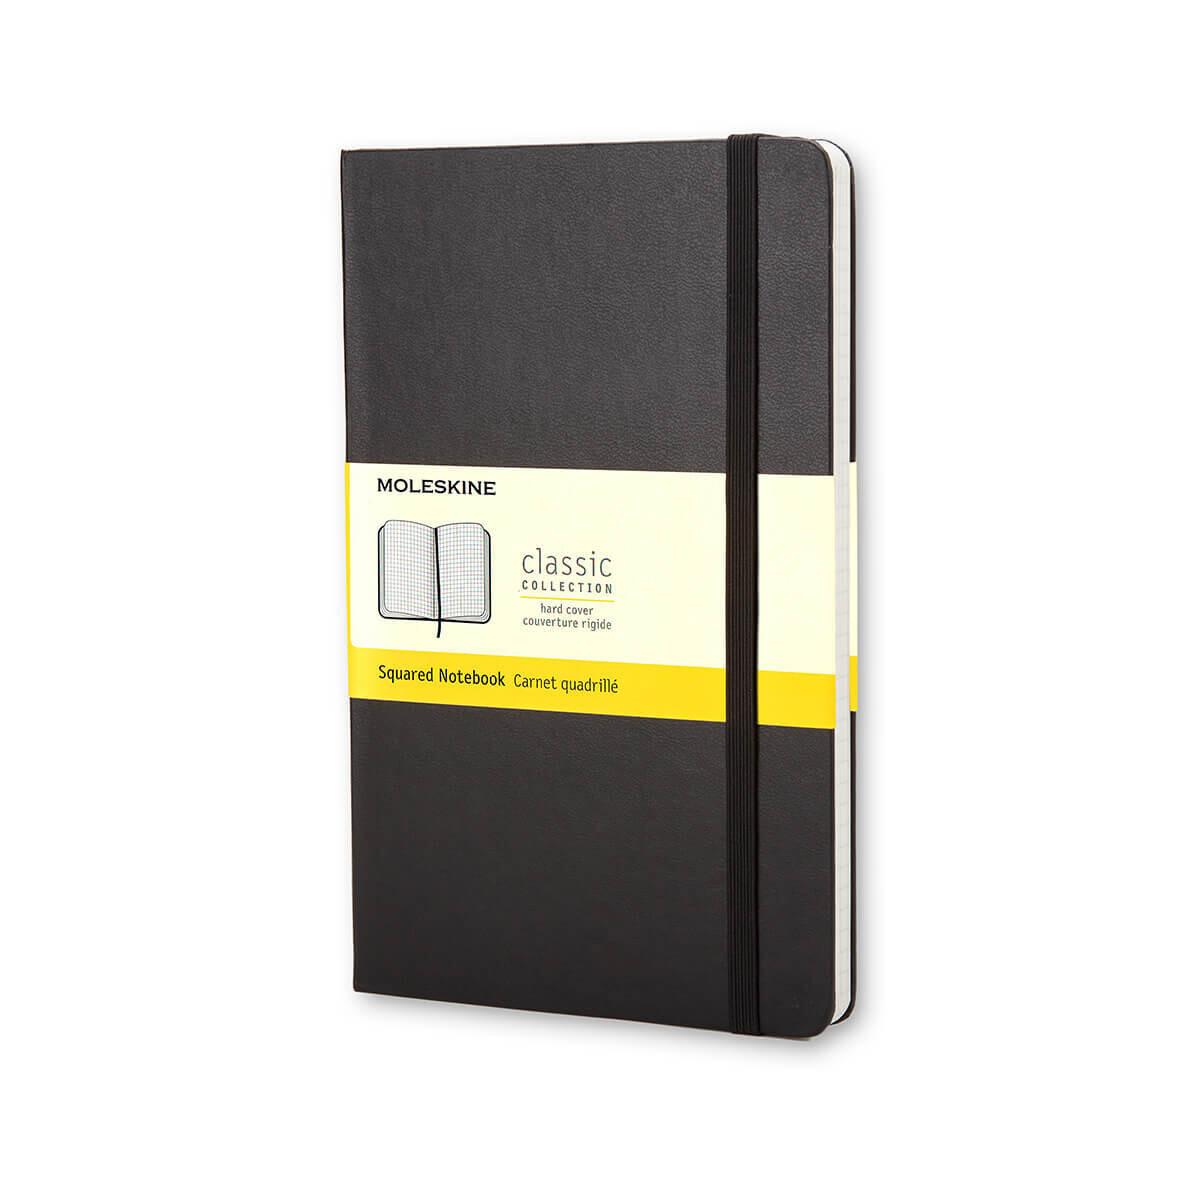 Moleskine Notebook Black Squared Pocket Hard Cover